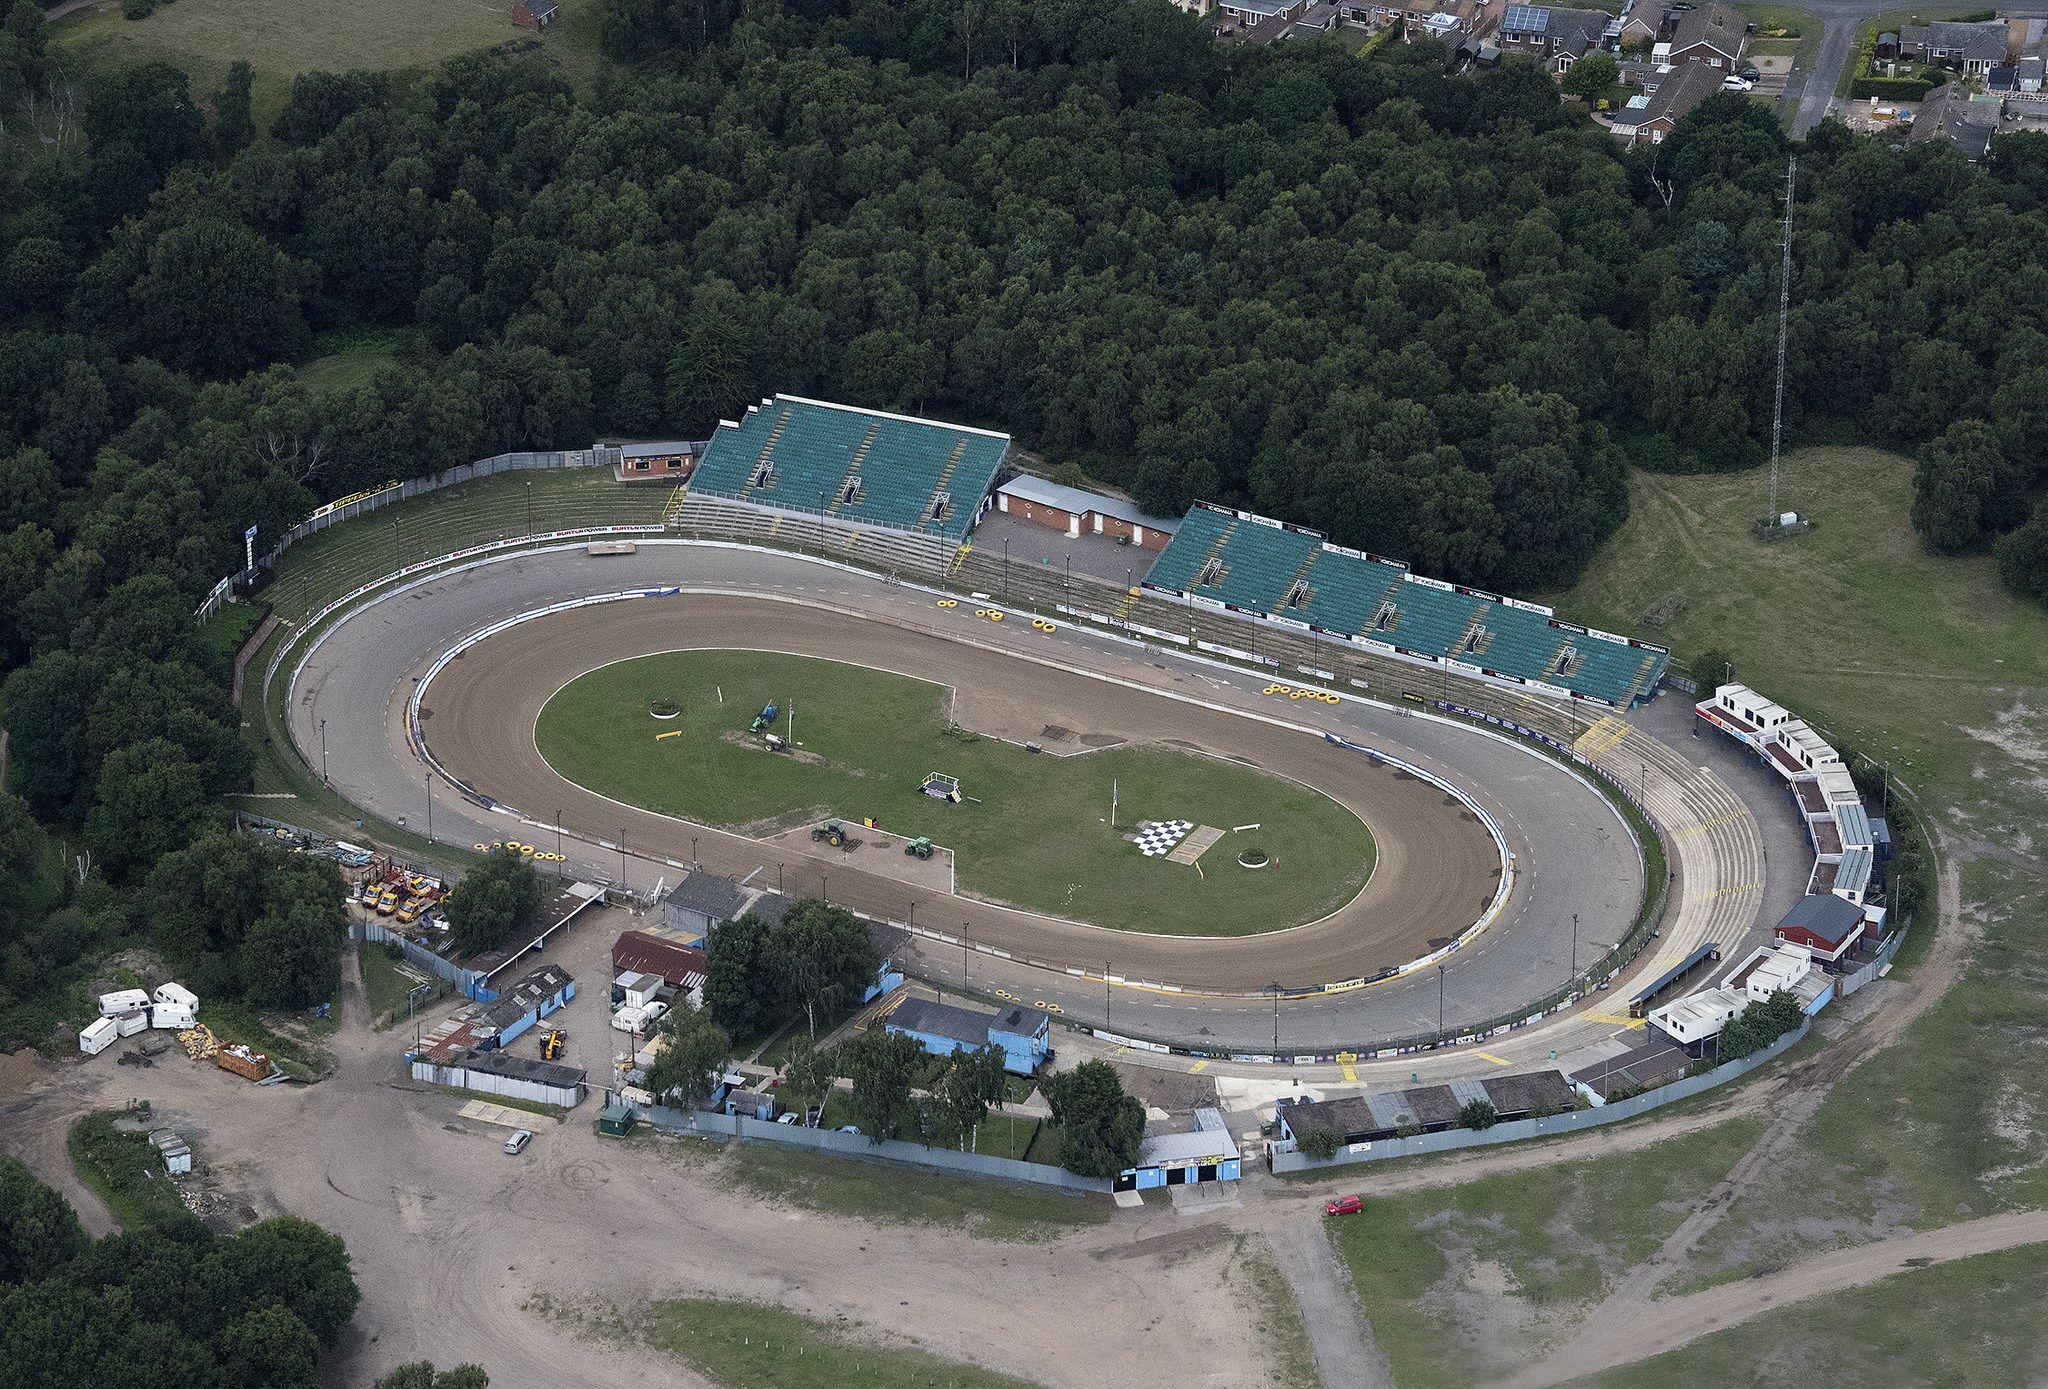 Ipswich Foxhall Stadium Suffolk Aerial Race Car Track Ipswich Suffolk